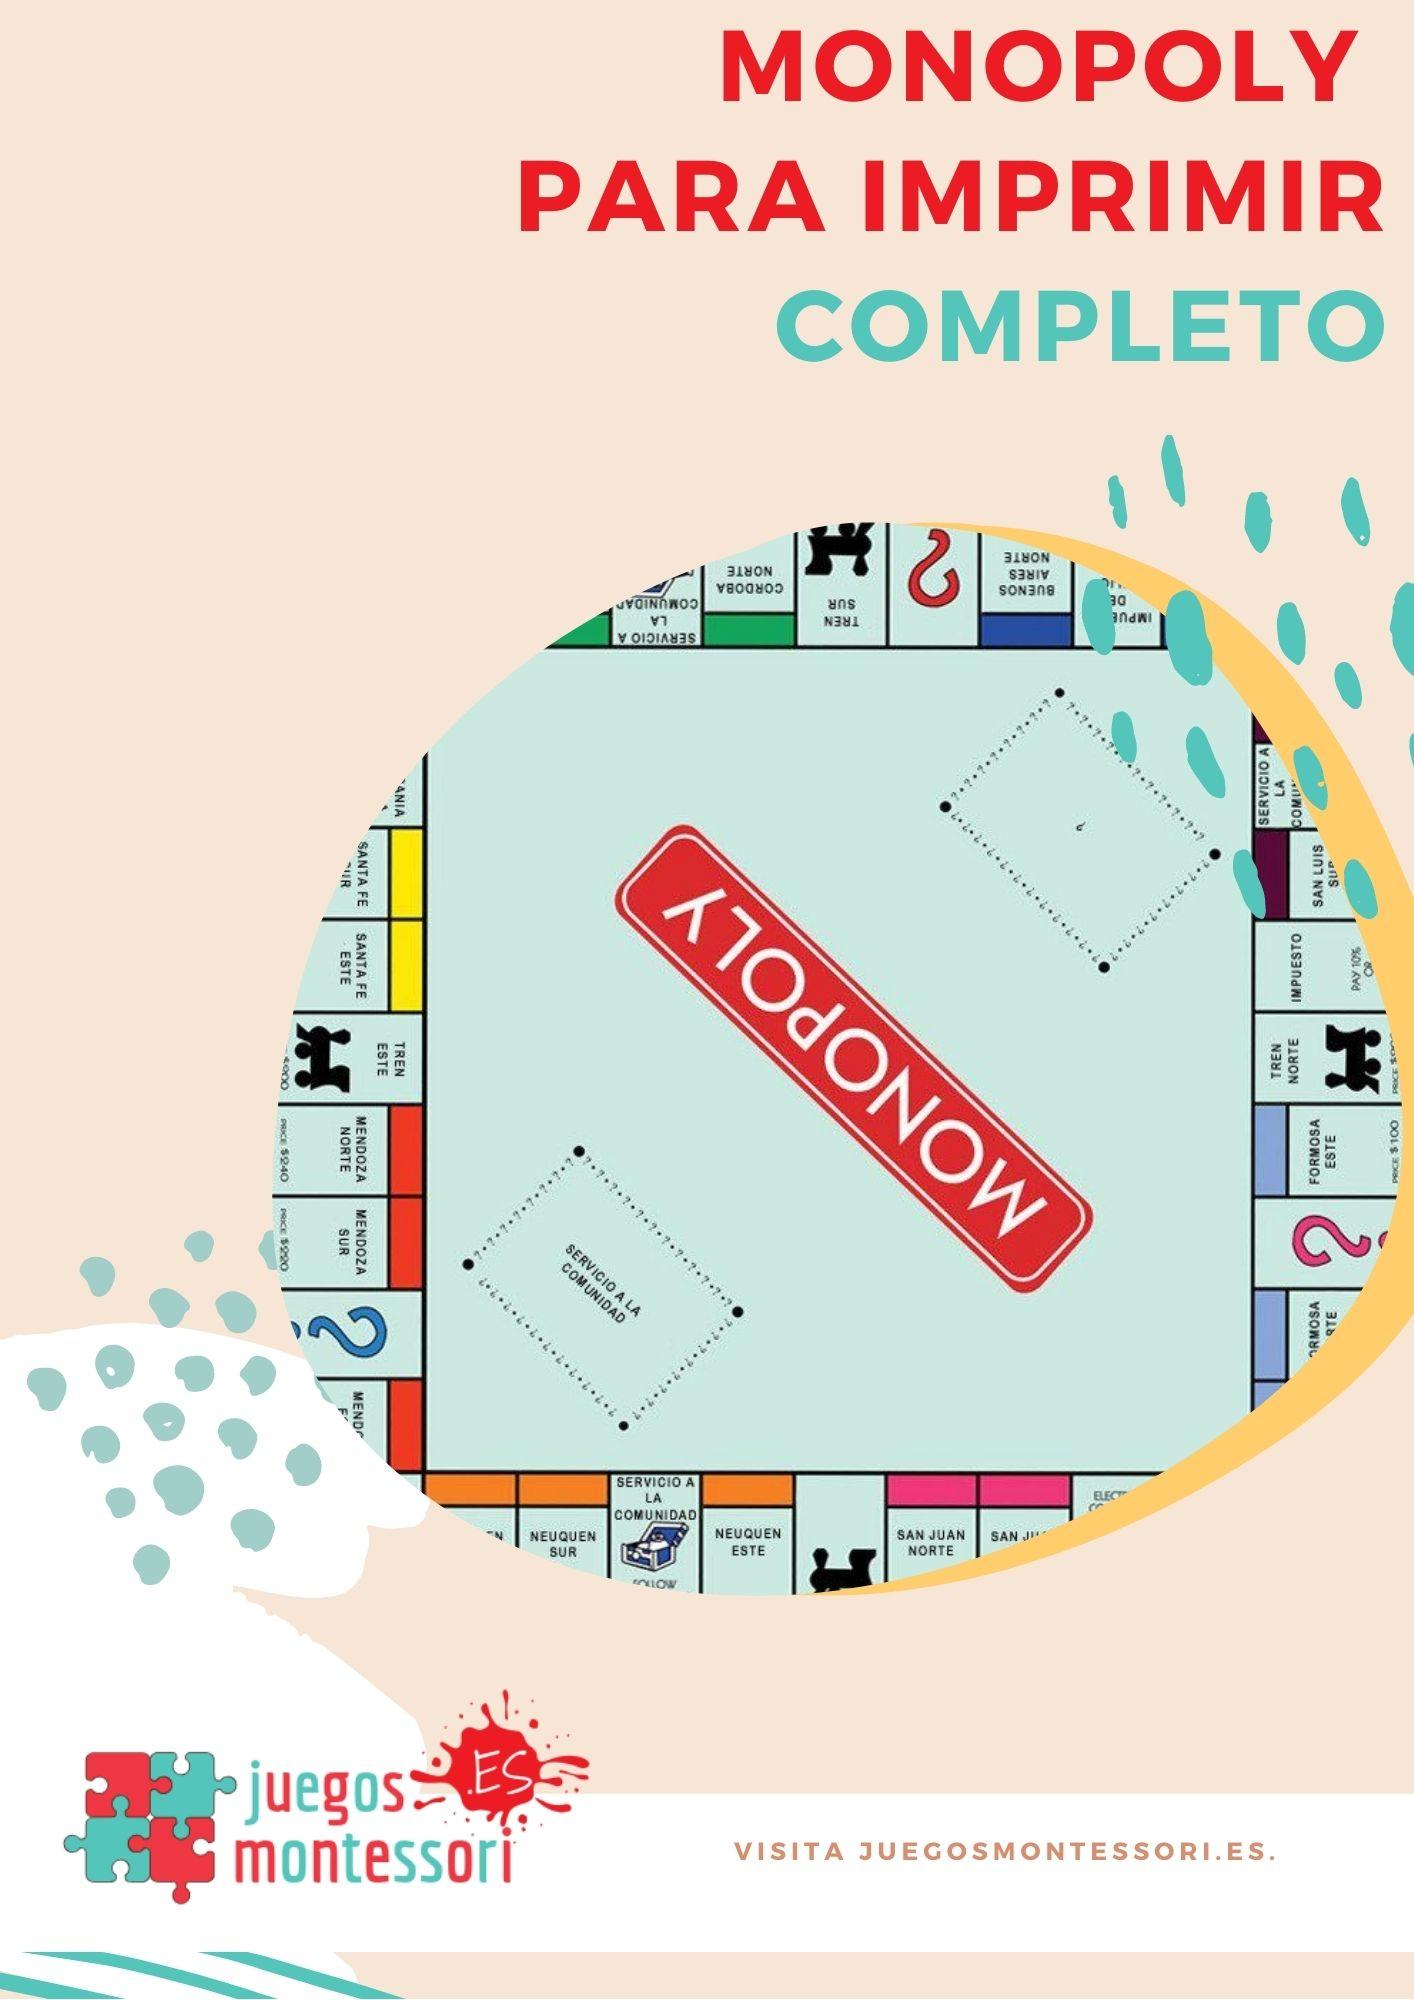 Monopoly para Imprimir COMPLETO | Tablero, Billetes y Tarjetas